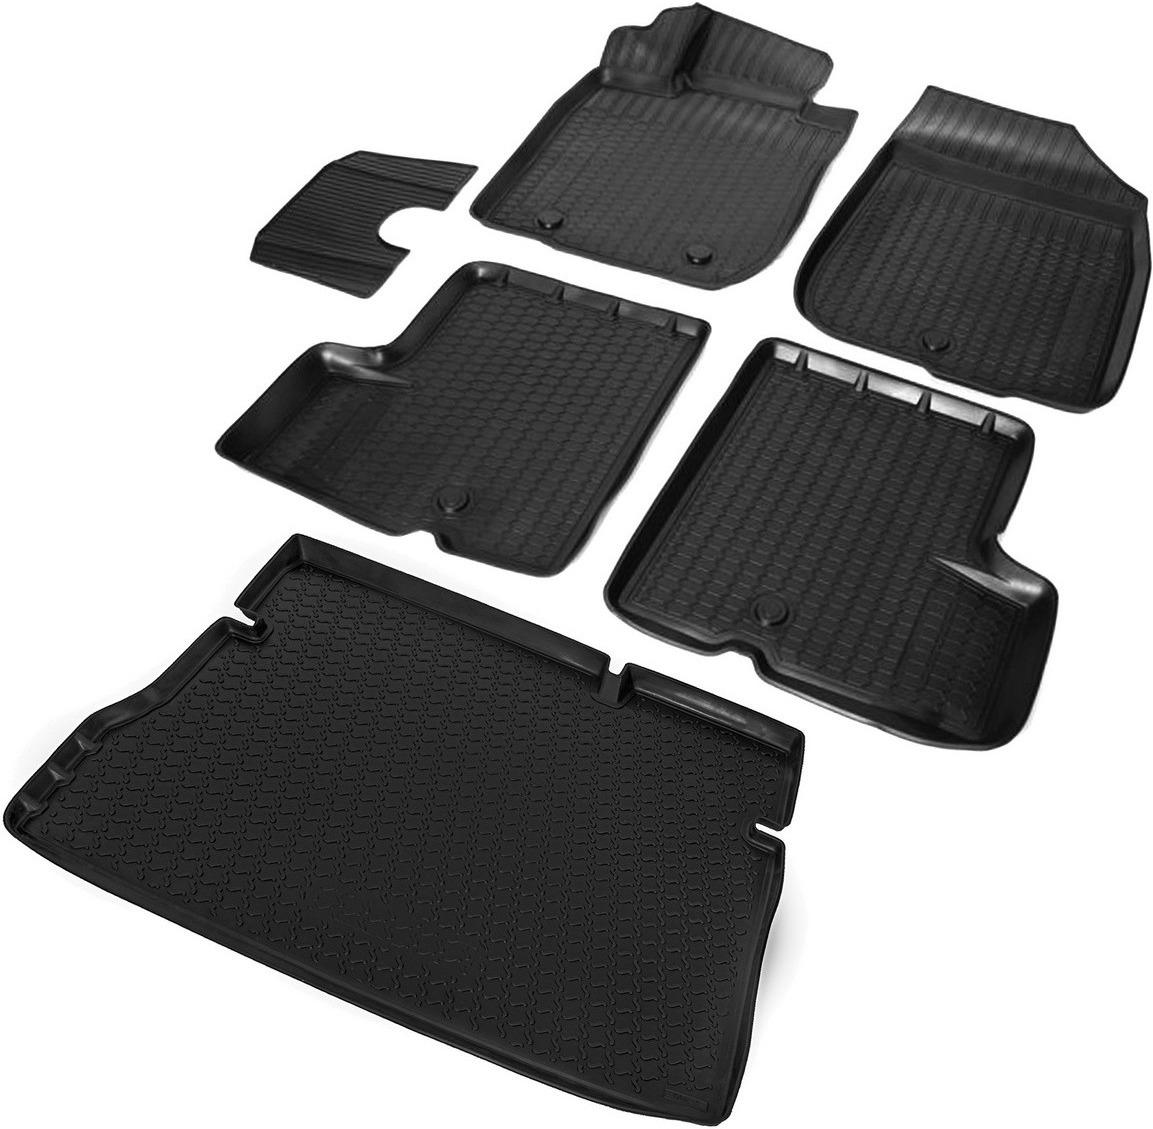 Комплект ковриков салона и багажника Rival для Renault Duster 5-дв. (2WD) 2010-2015, полиуретан, с крепежом, с перемычкой, 6 шт. K14701002-1 коврики салона rival для renault sandero хэтчбек 5 дв 2014 н в полиуретан с крепежом с перемычкой 5 шт 14703003